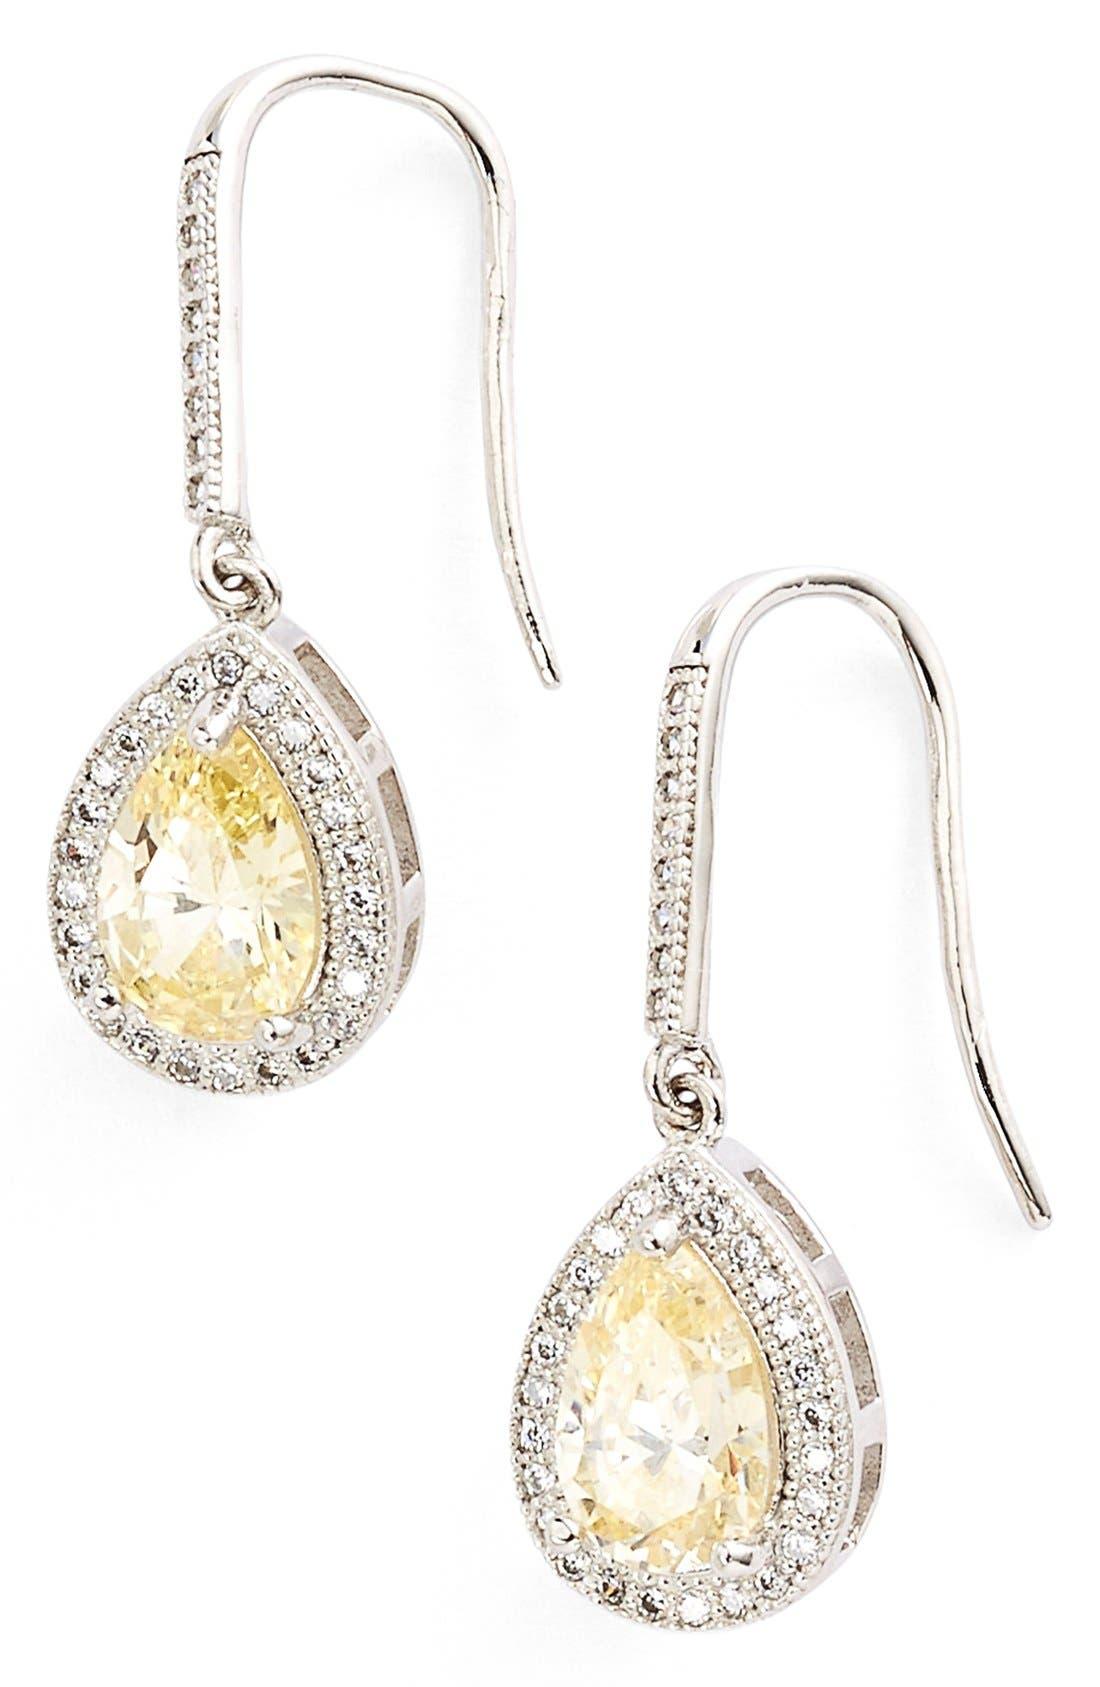 Lafonn'Lassaire' Canary Drop Earrings